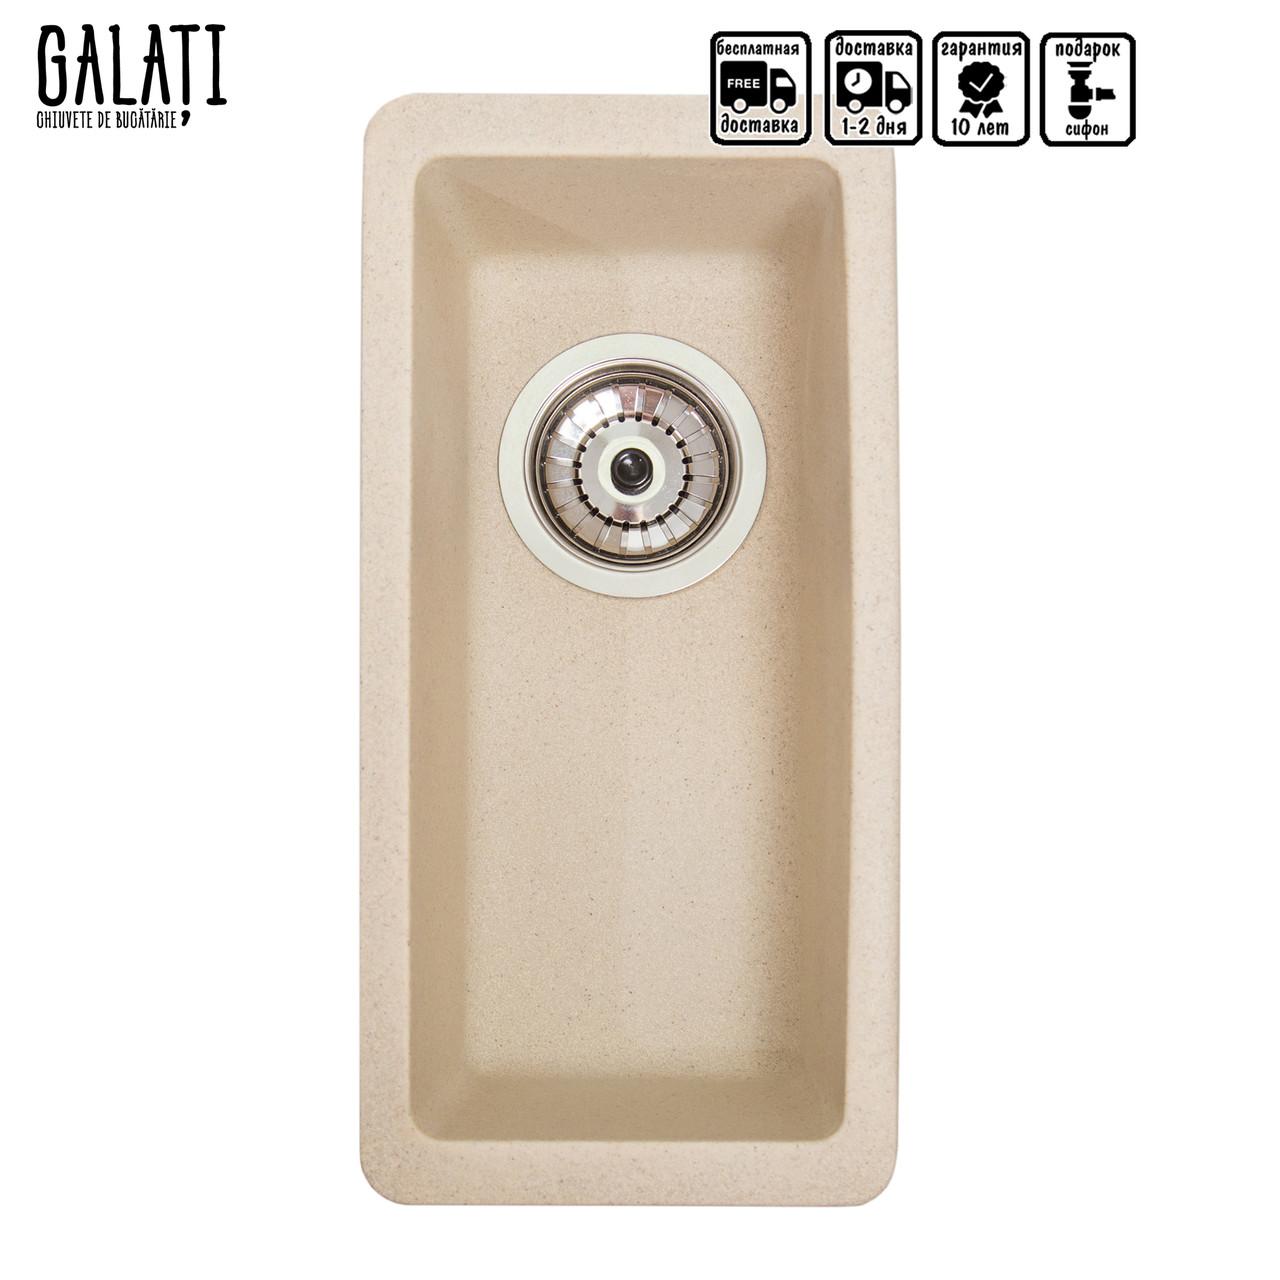 Кухонная мойка Galati Mira U-160 Avena (501)